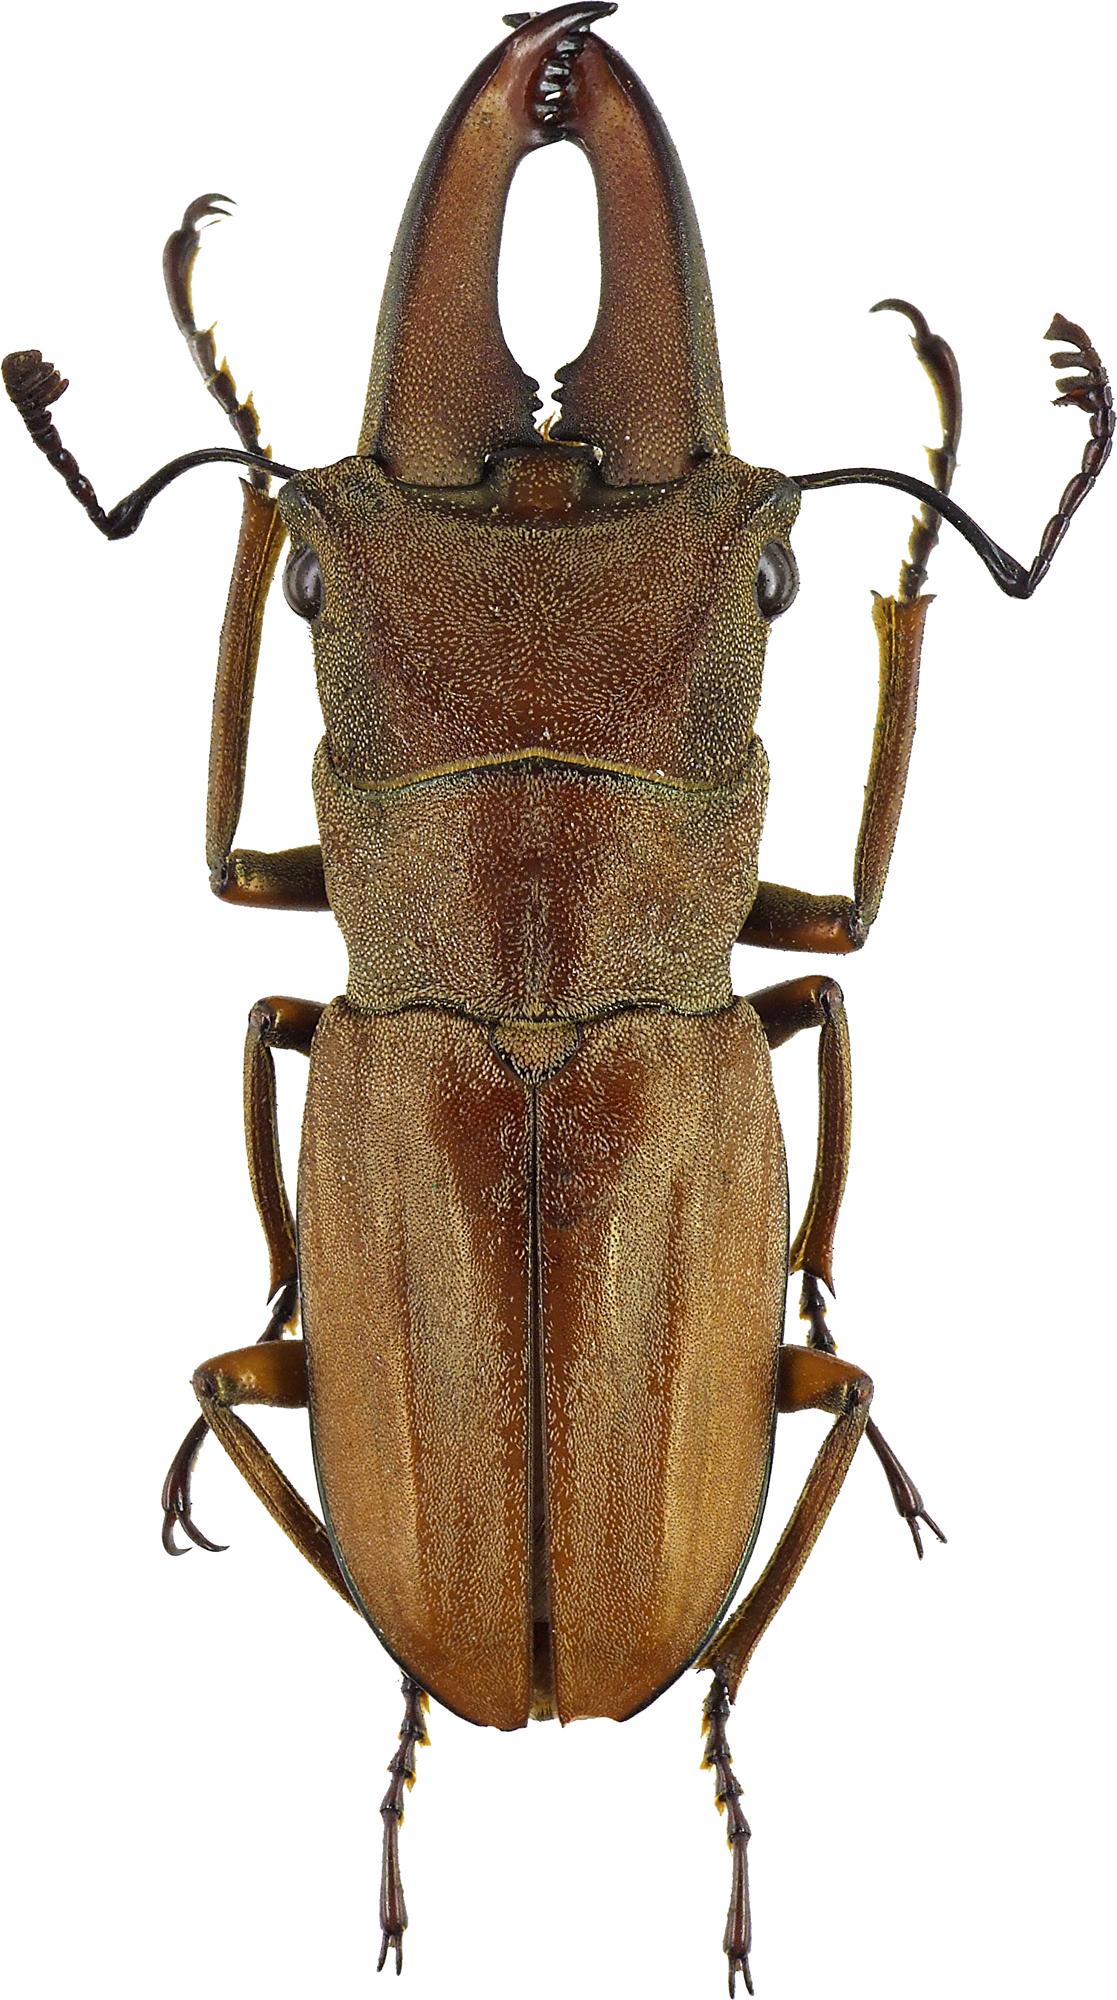 Cyclommatus canaliculatus canaliculatus 43206cz08.jpg